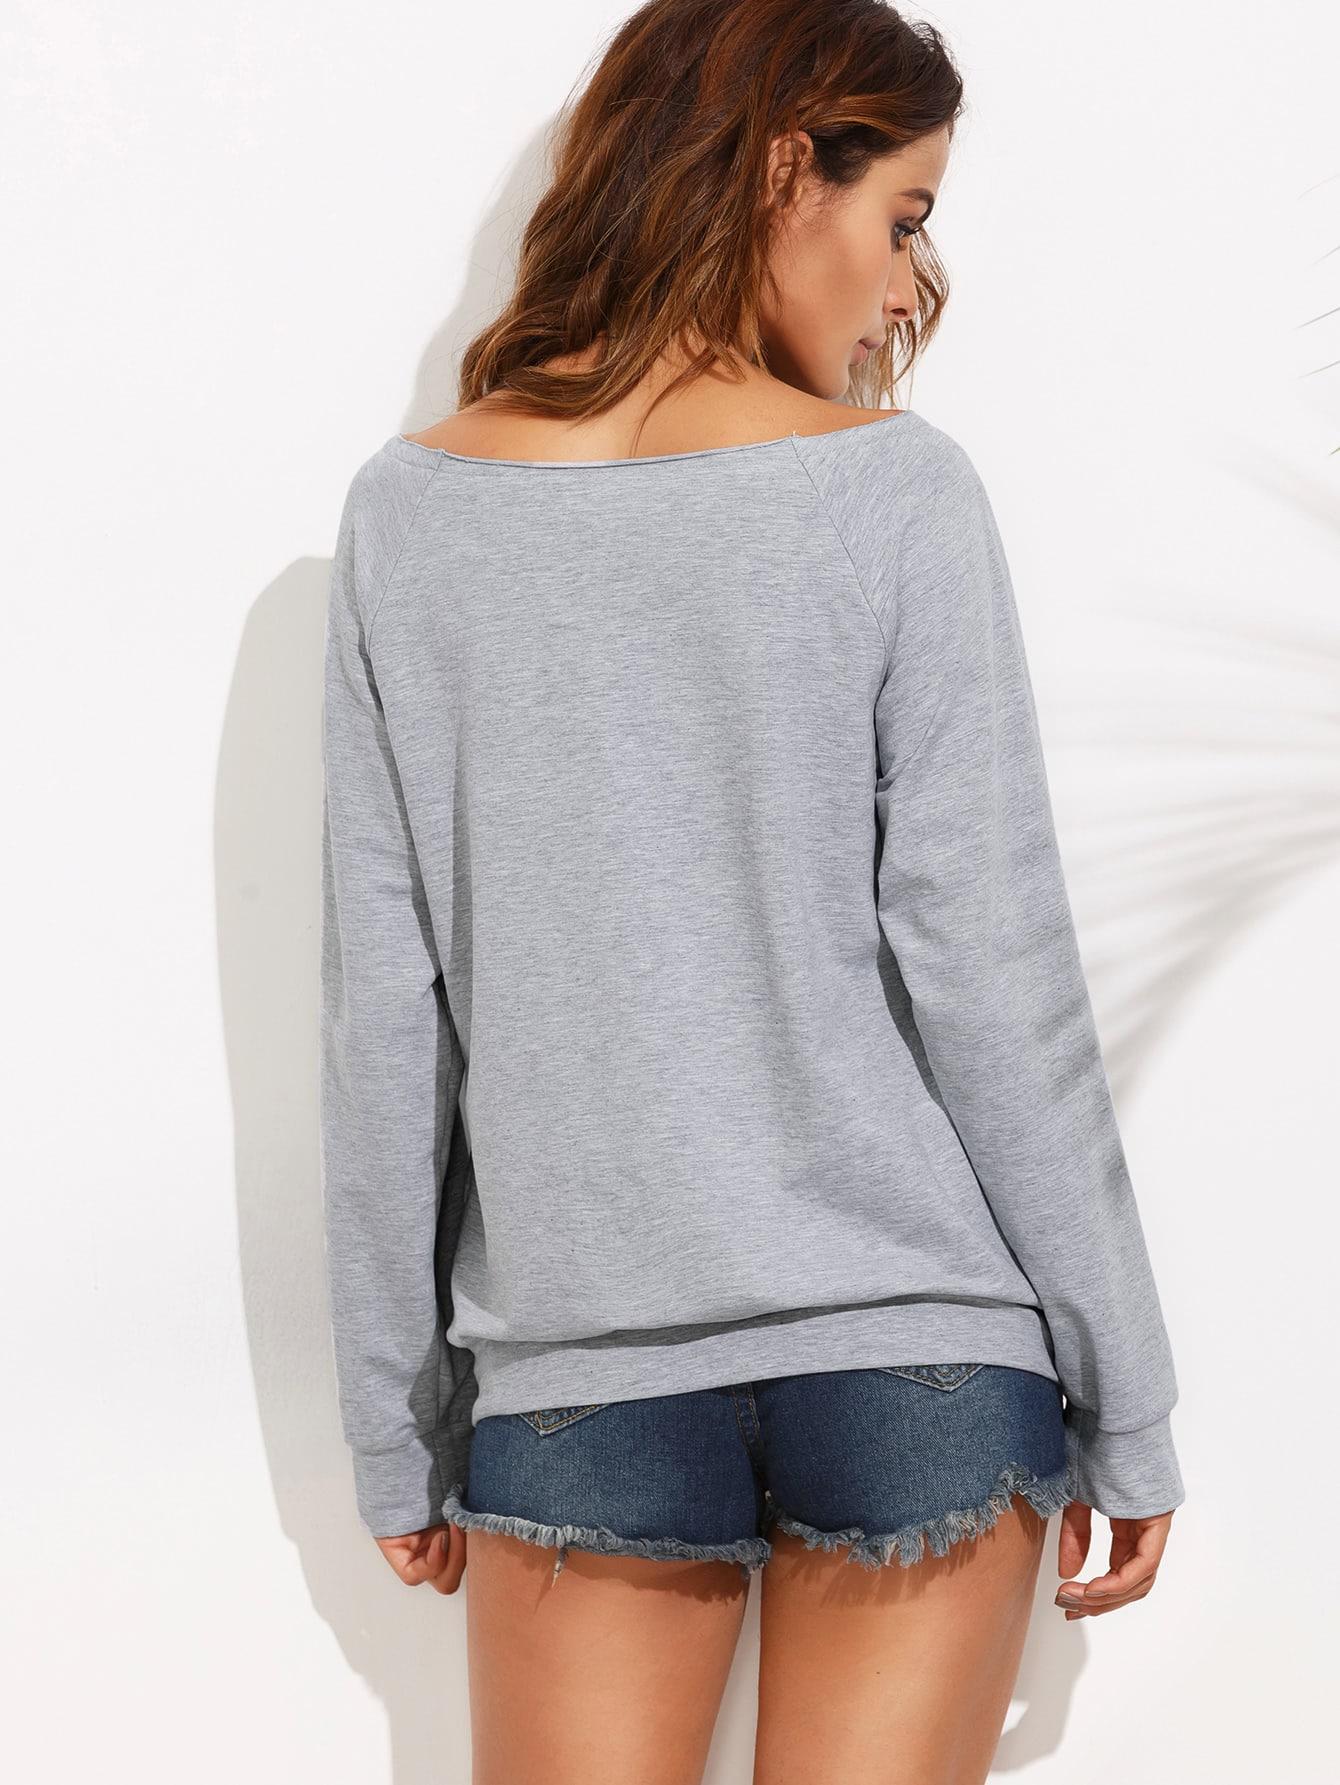 sweatshirt160727713_2